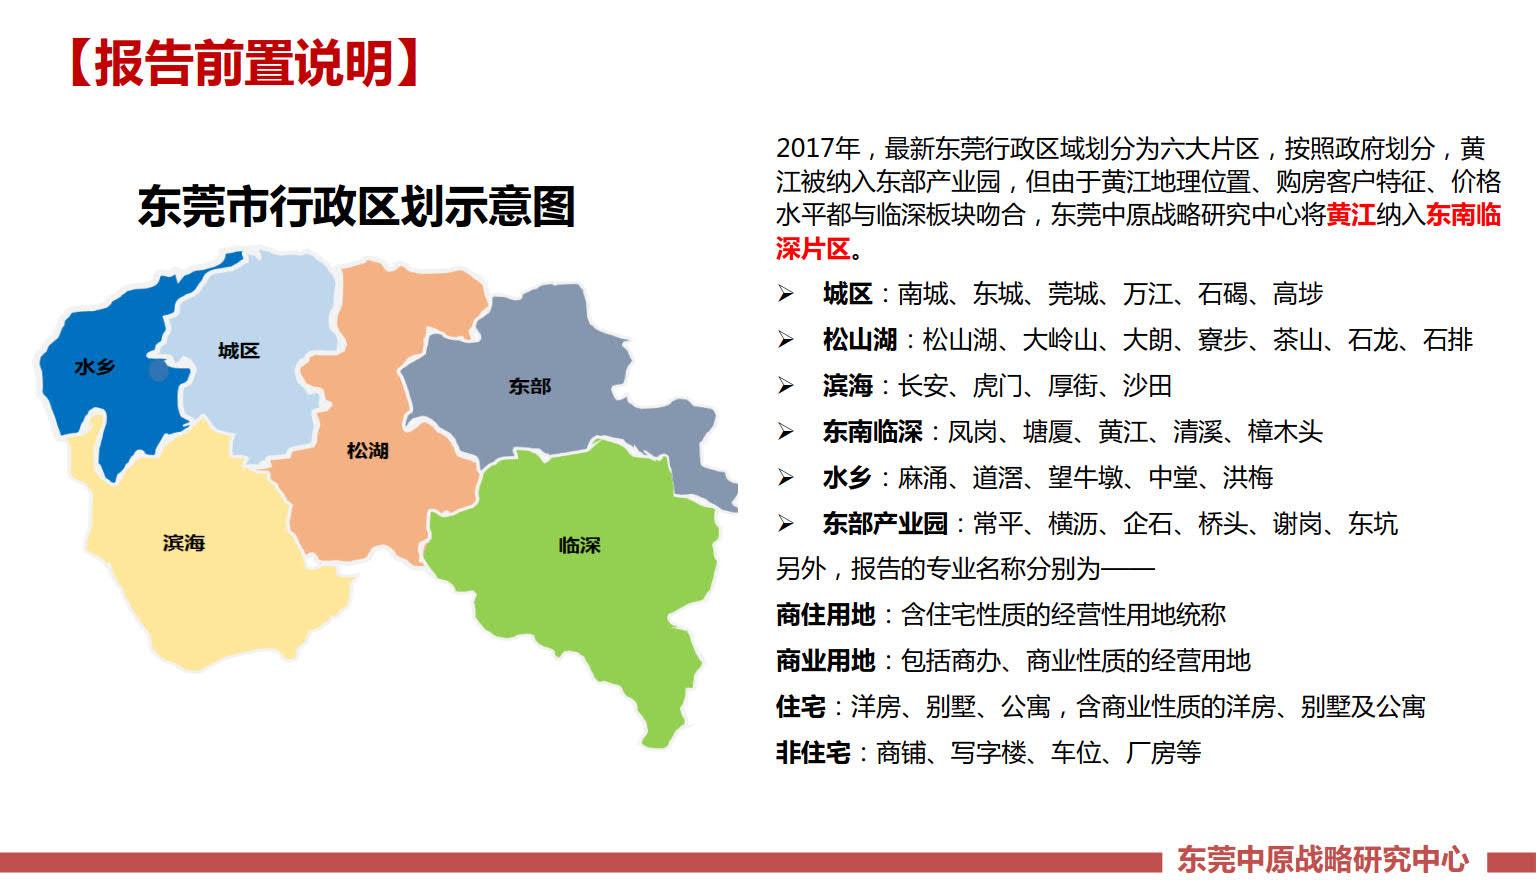 中原地产发布:2018年上半年东莞房地产市场总结与展望【客户版】_3.jpg